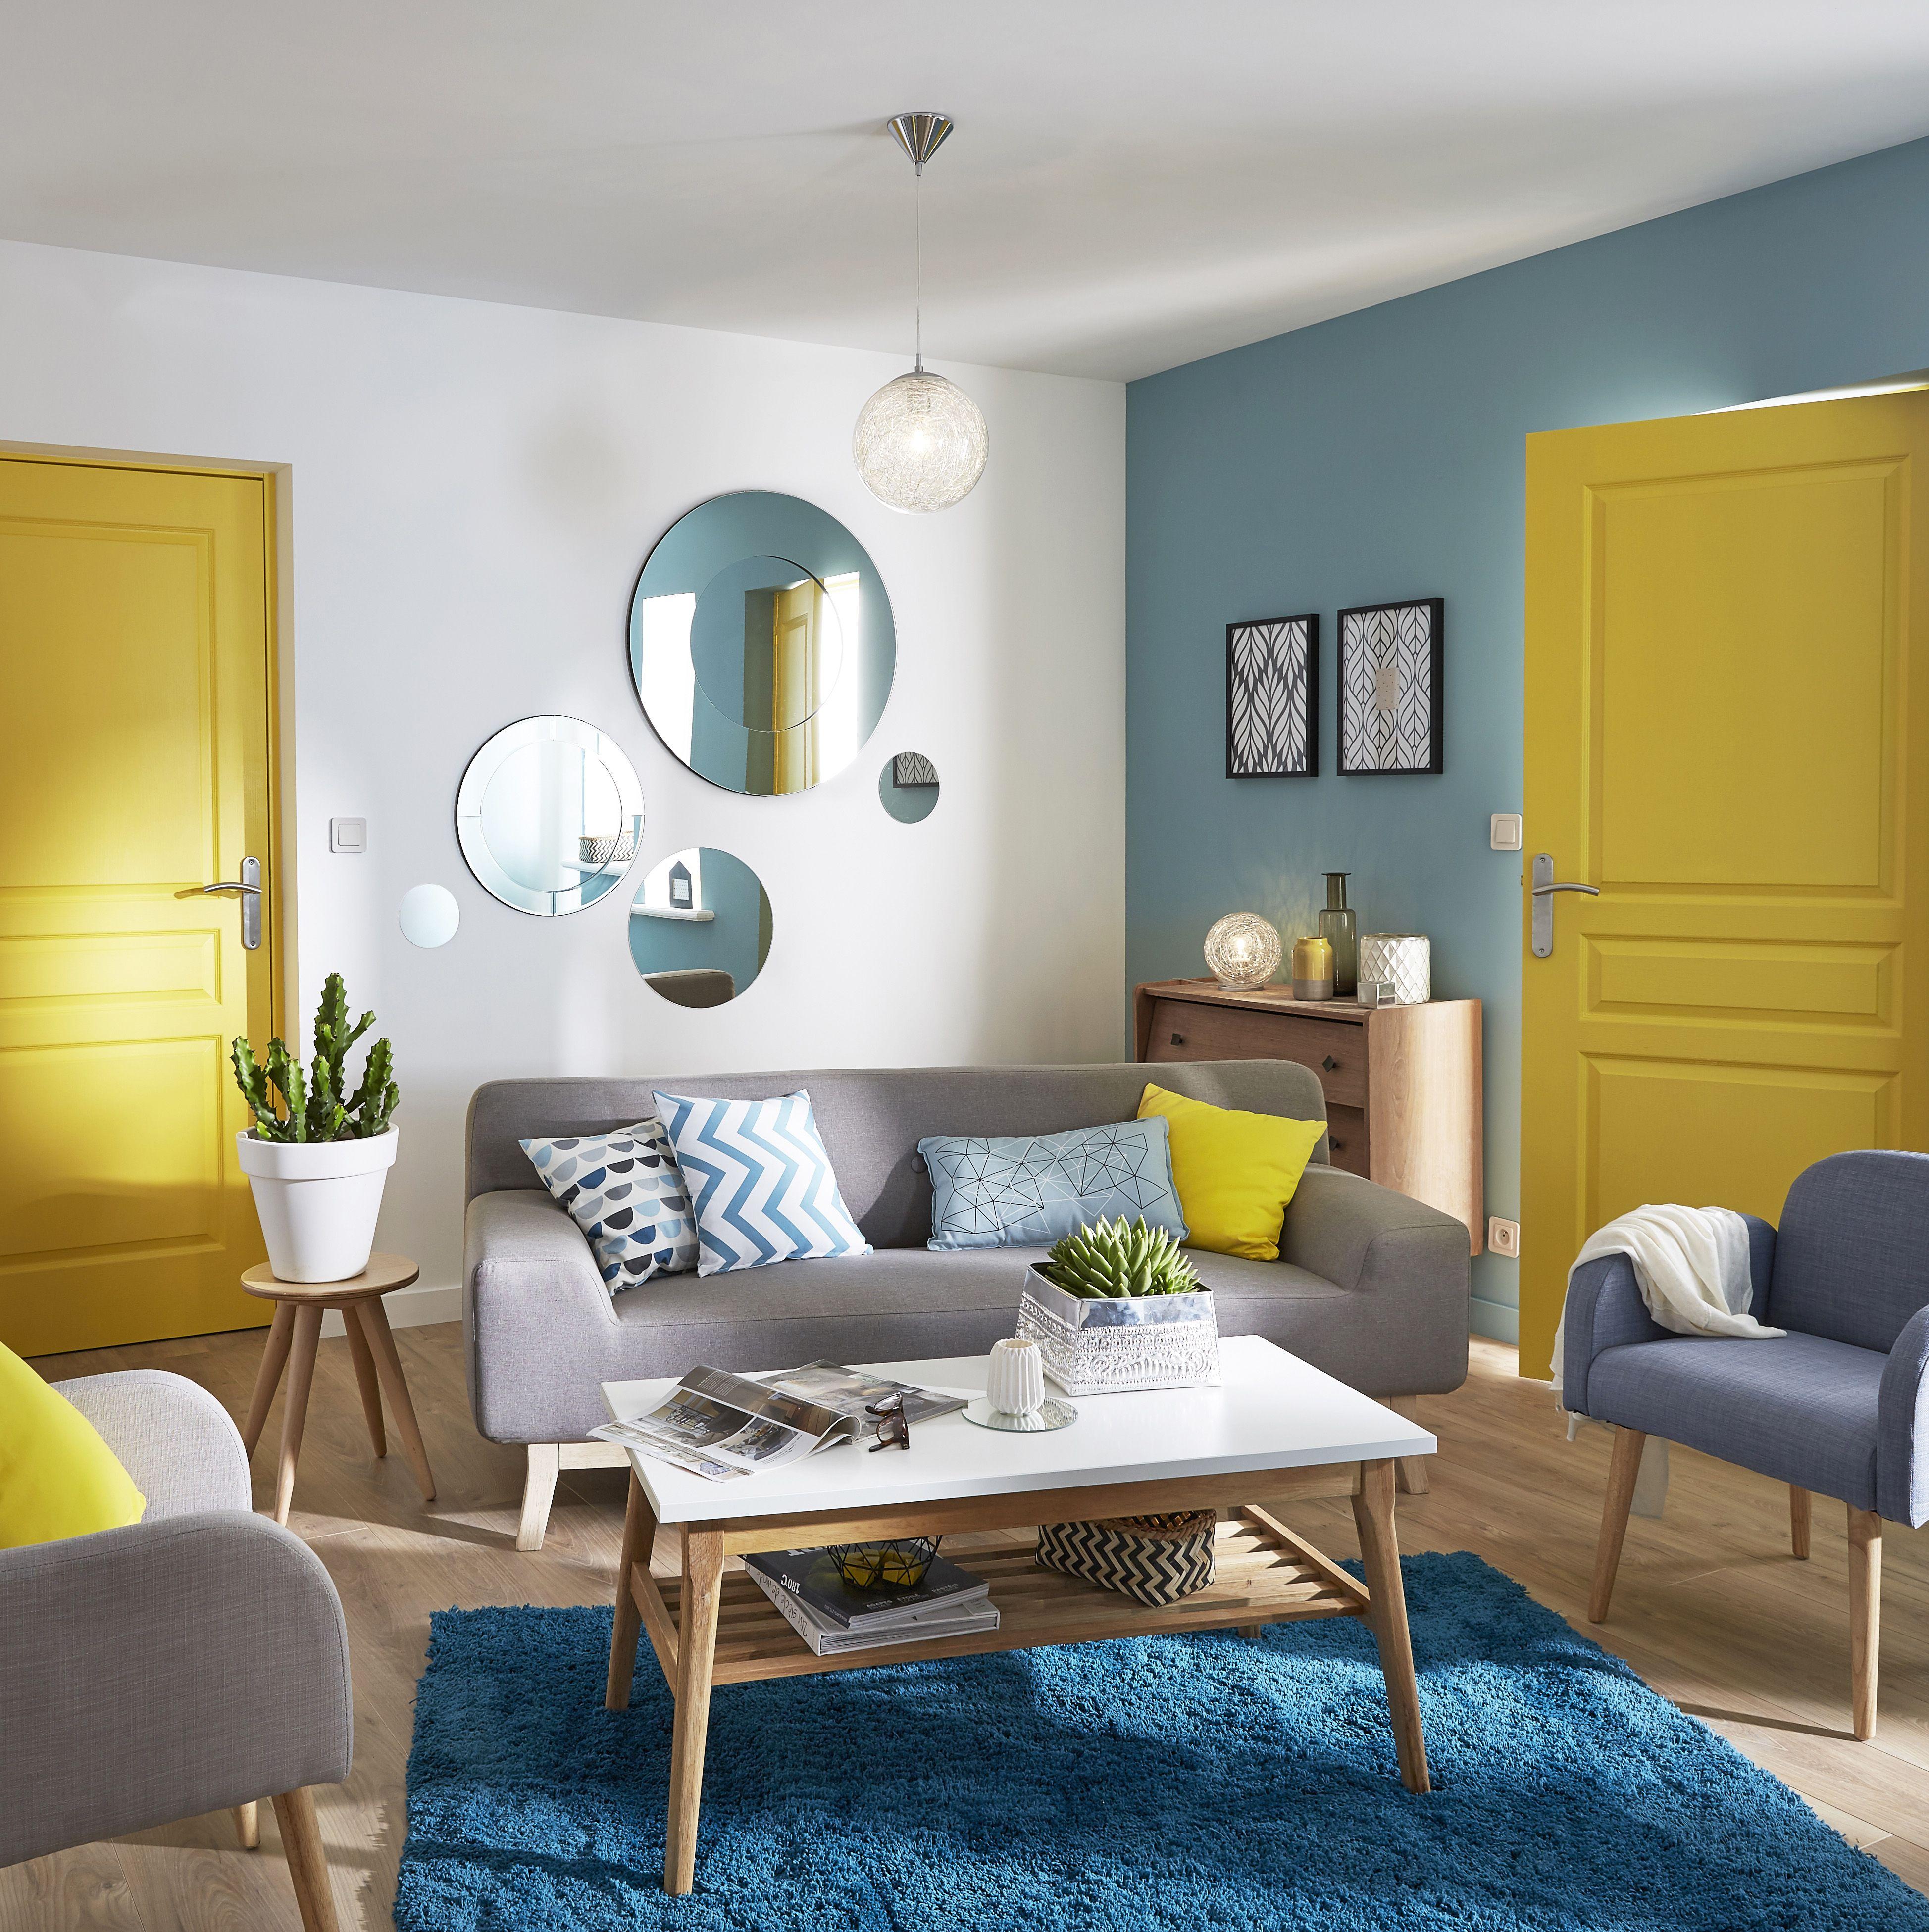 Les 25 Meilleures Ides Concernant Deco Salon Scandinave